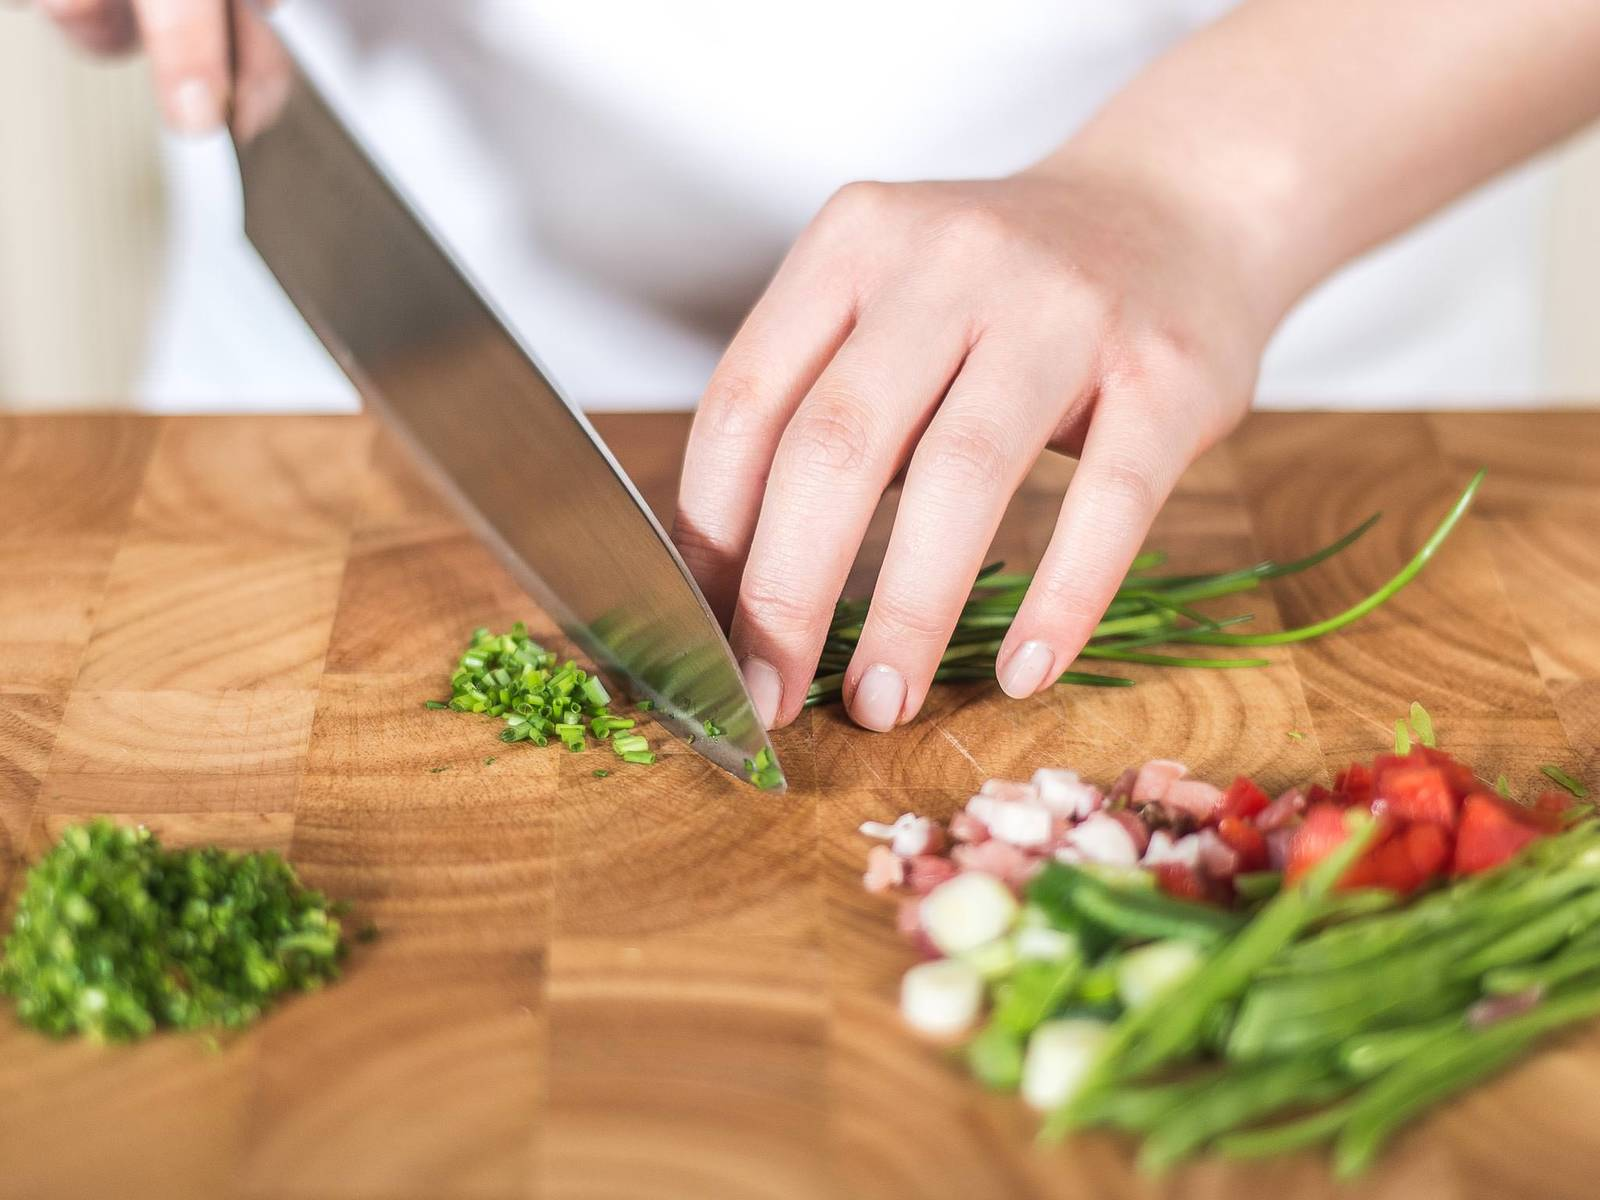 Backofen auf 180°C vorheizen. Schinken und Paprika fein würfeln. Frühlingszwiebeln in feine Ringe und Zuckerschoten in dünne Streifen schneiden. Schnittlauch in feine Röllchen schneiden.